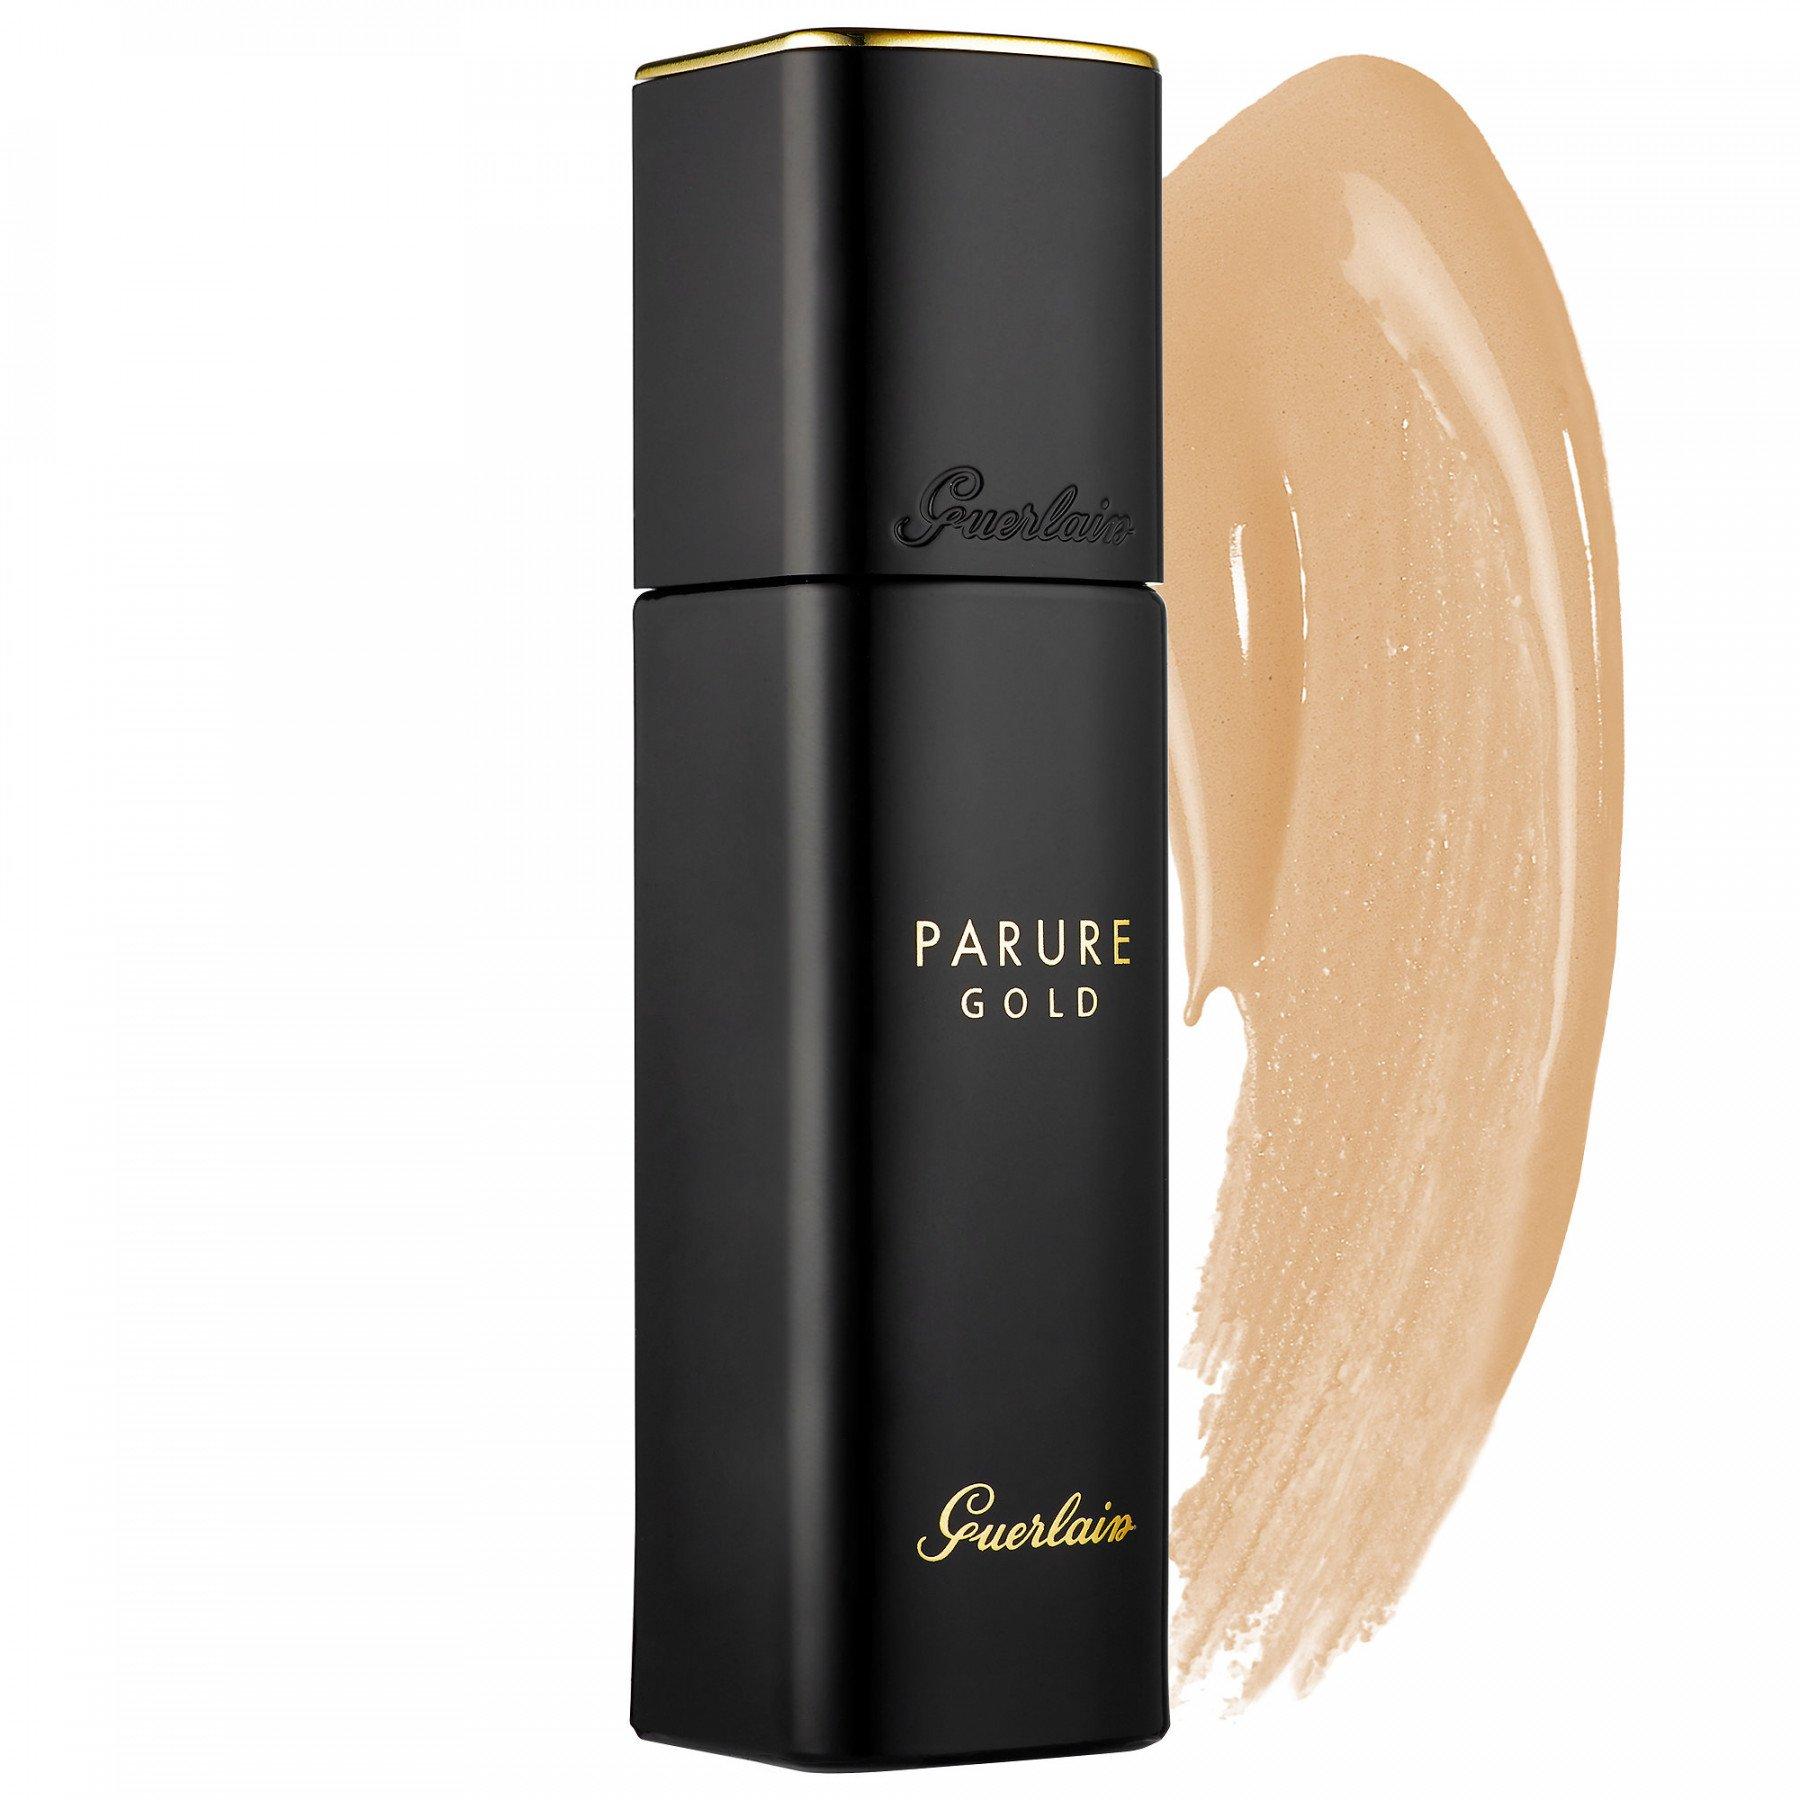 parure gold